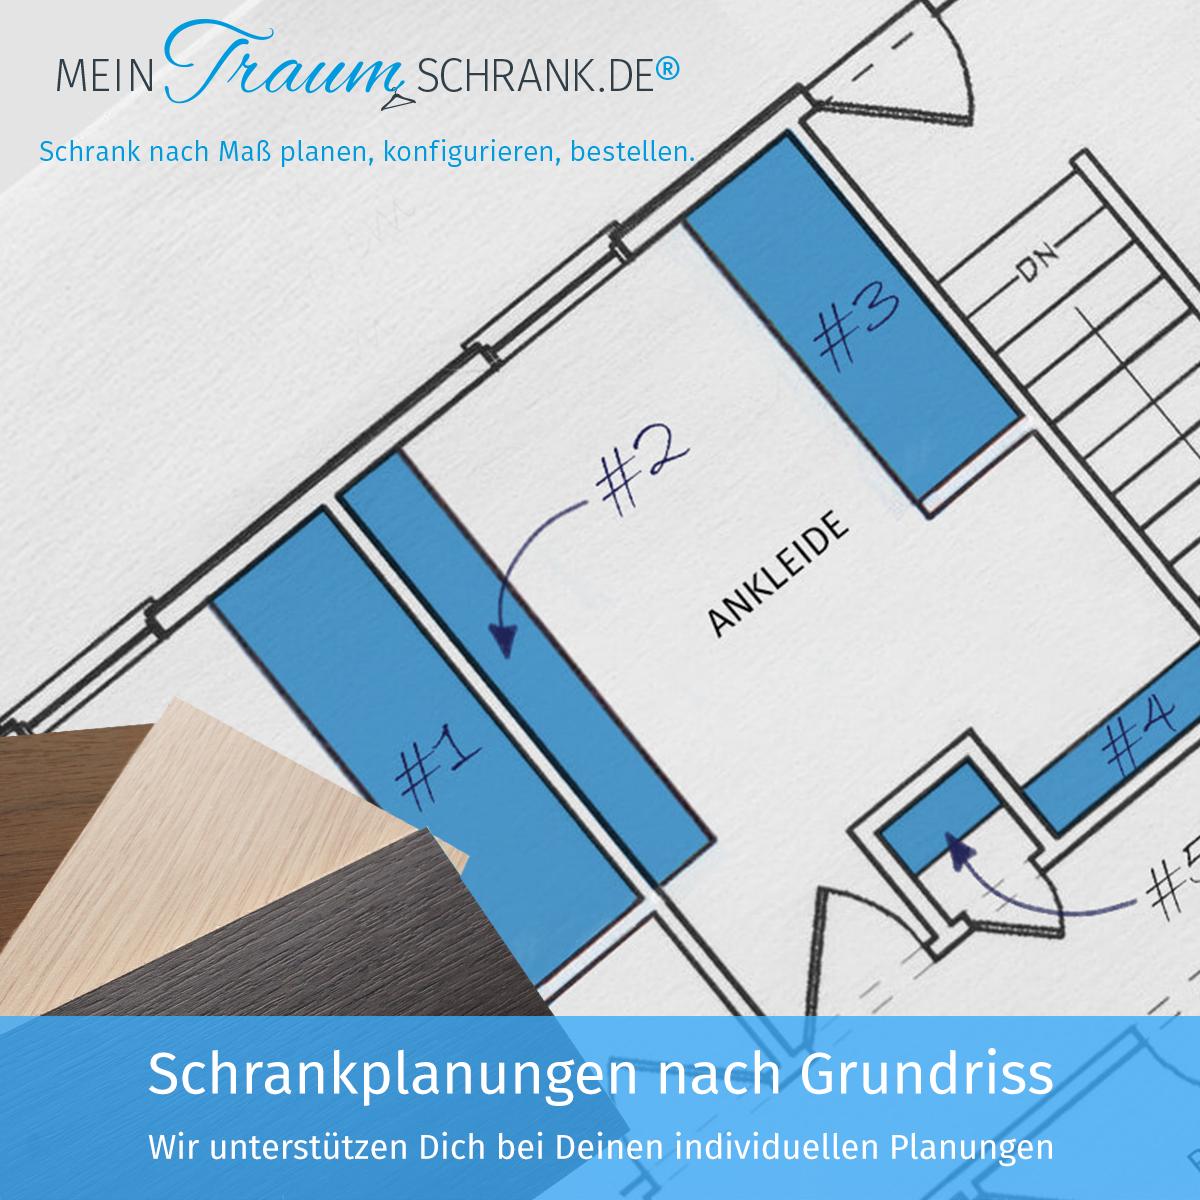 Schrankplanungen Nach Grundriss In 2020 Grundriss Planen Schrank